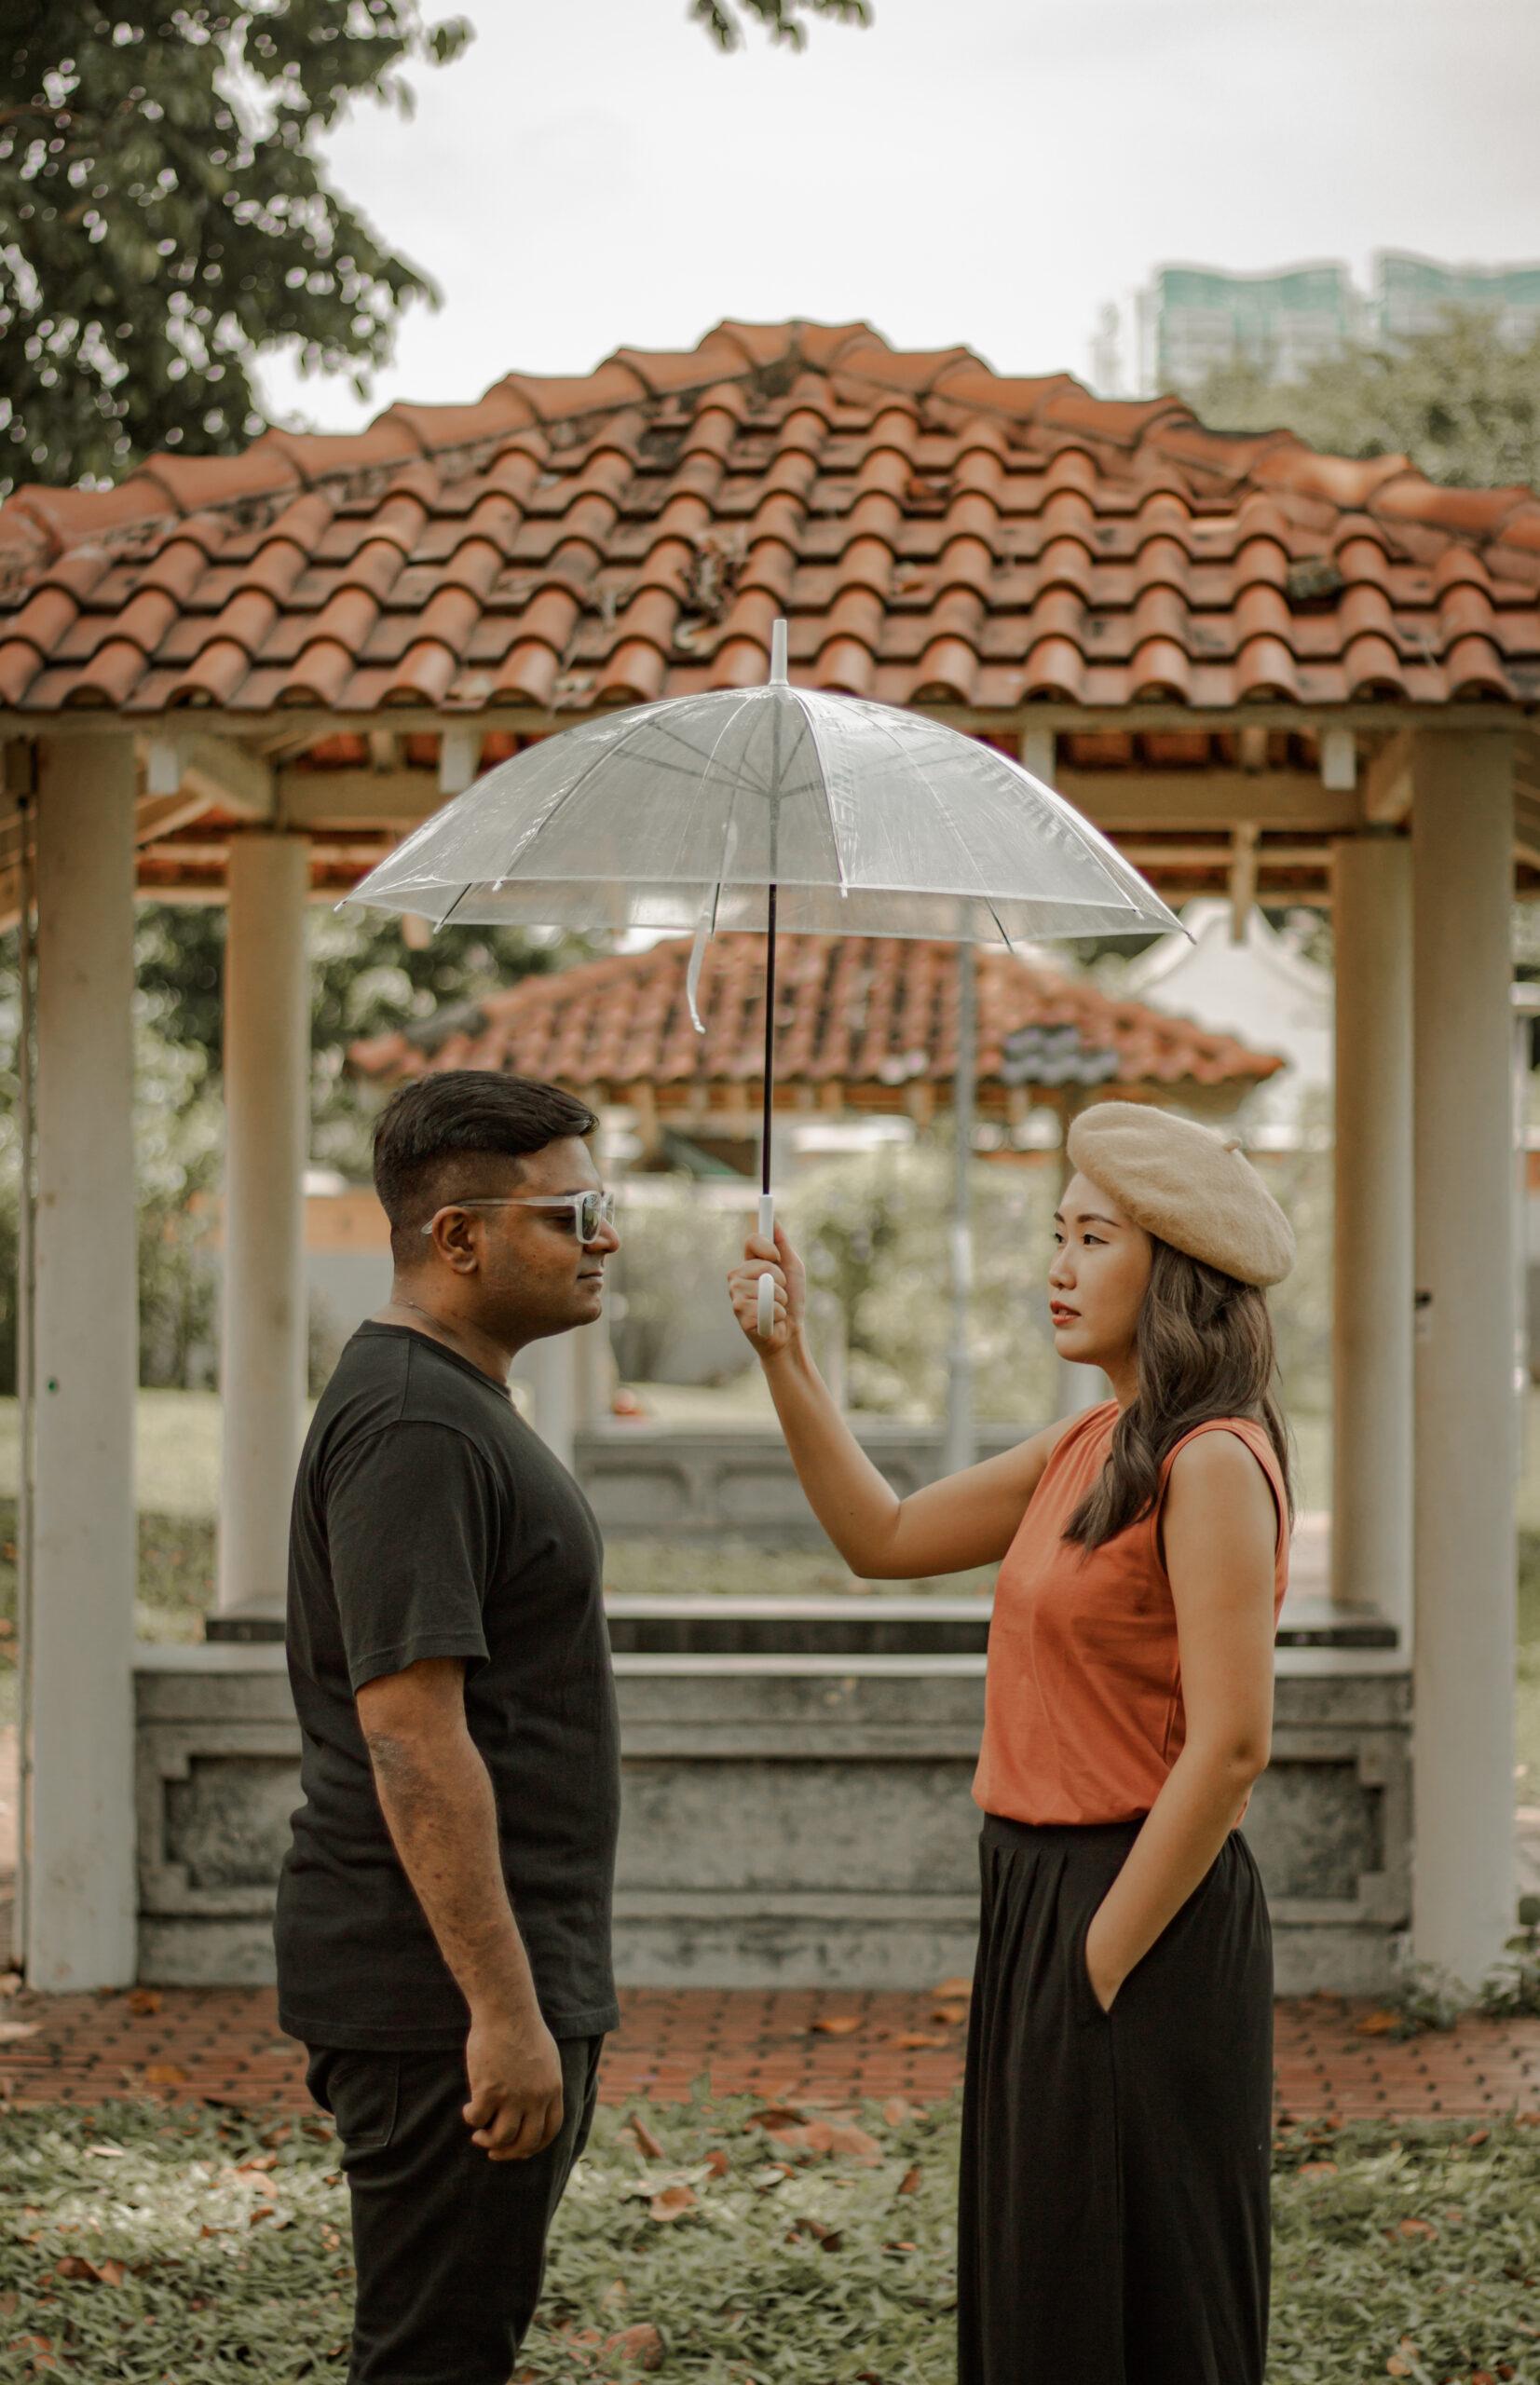 pre-wedding-photography-umbrella-concept